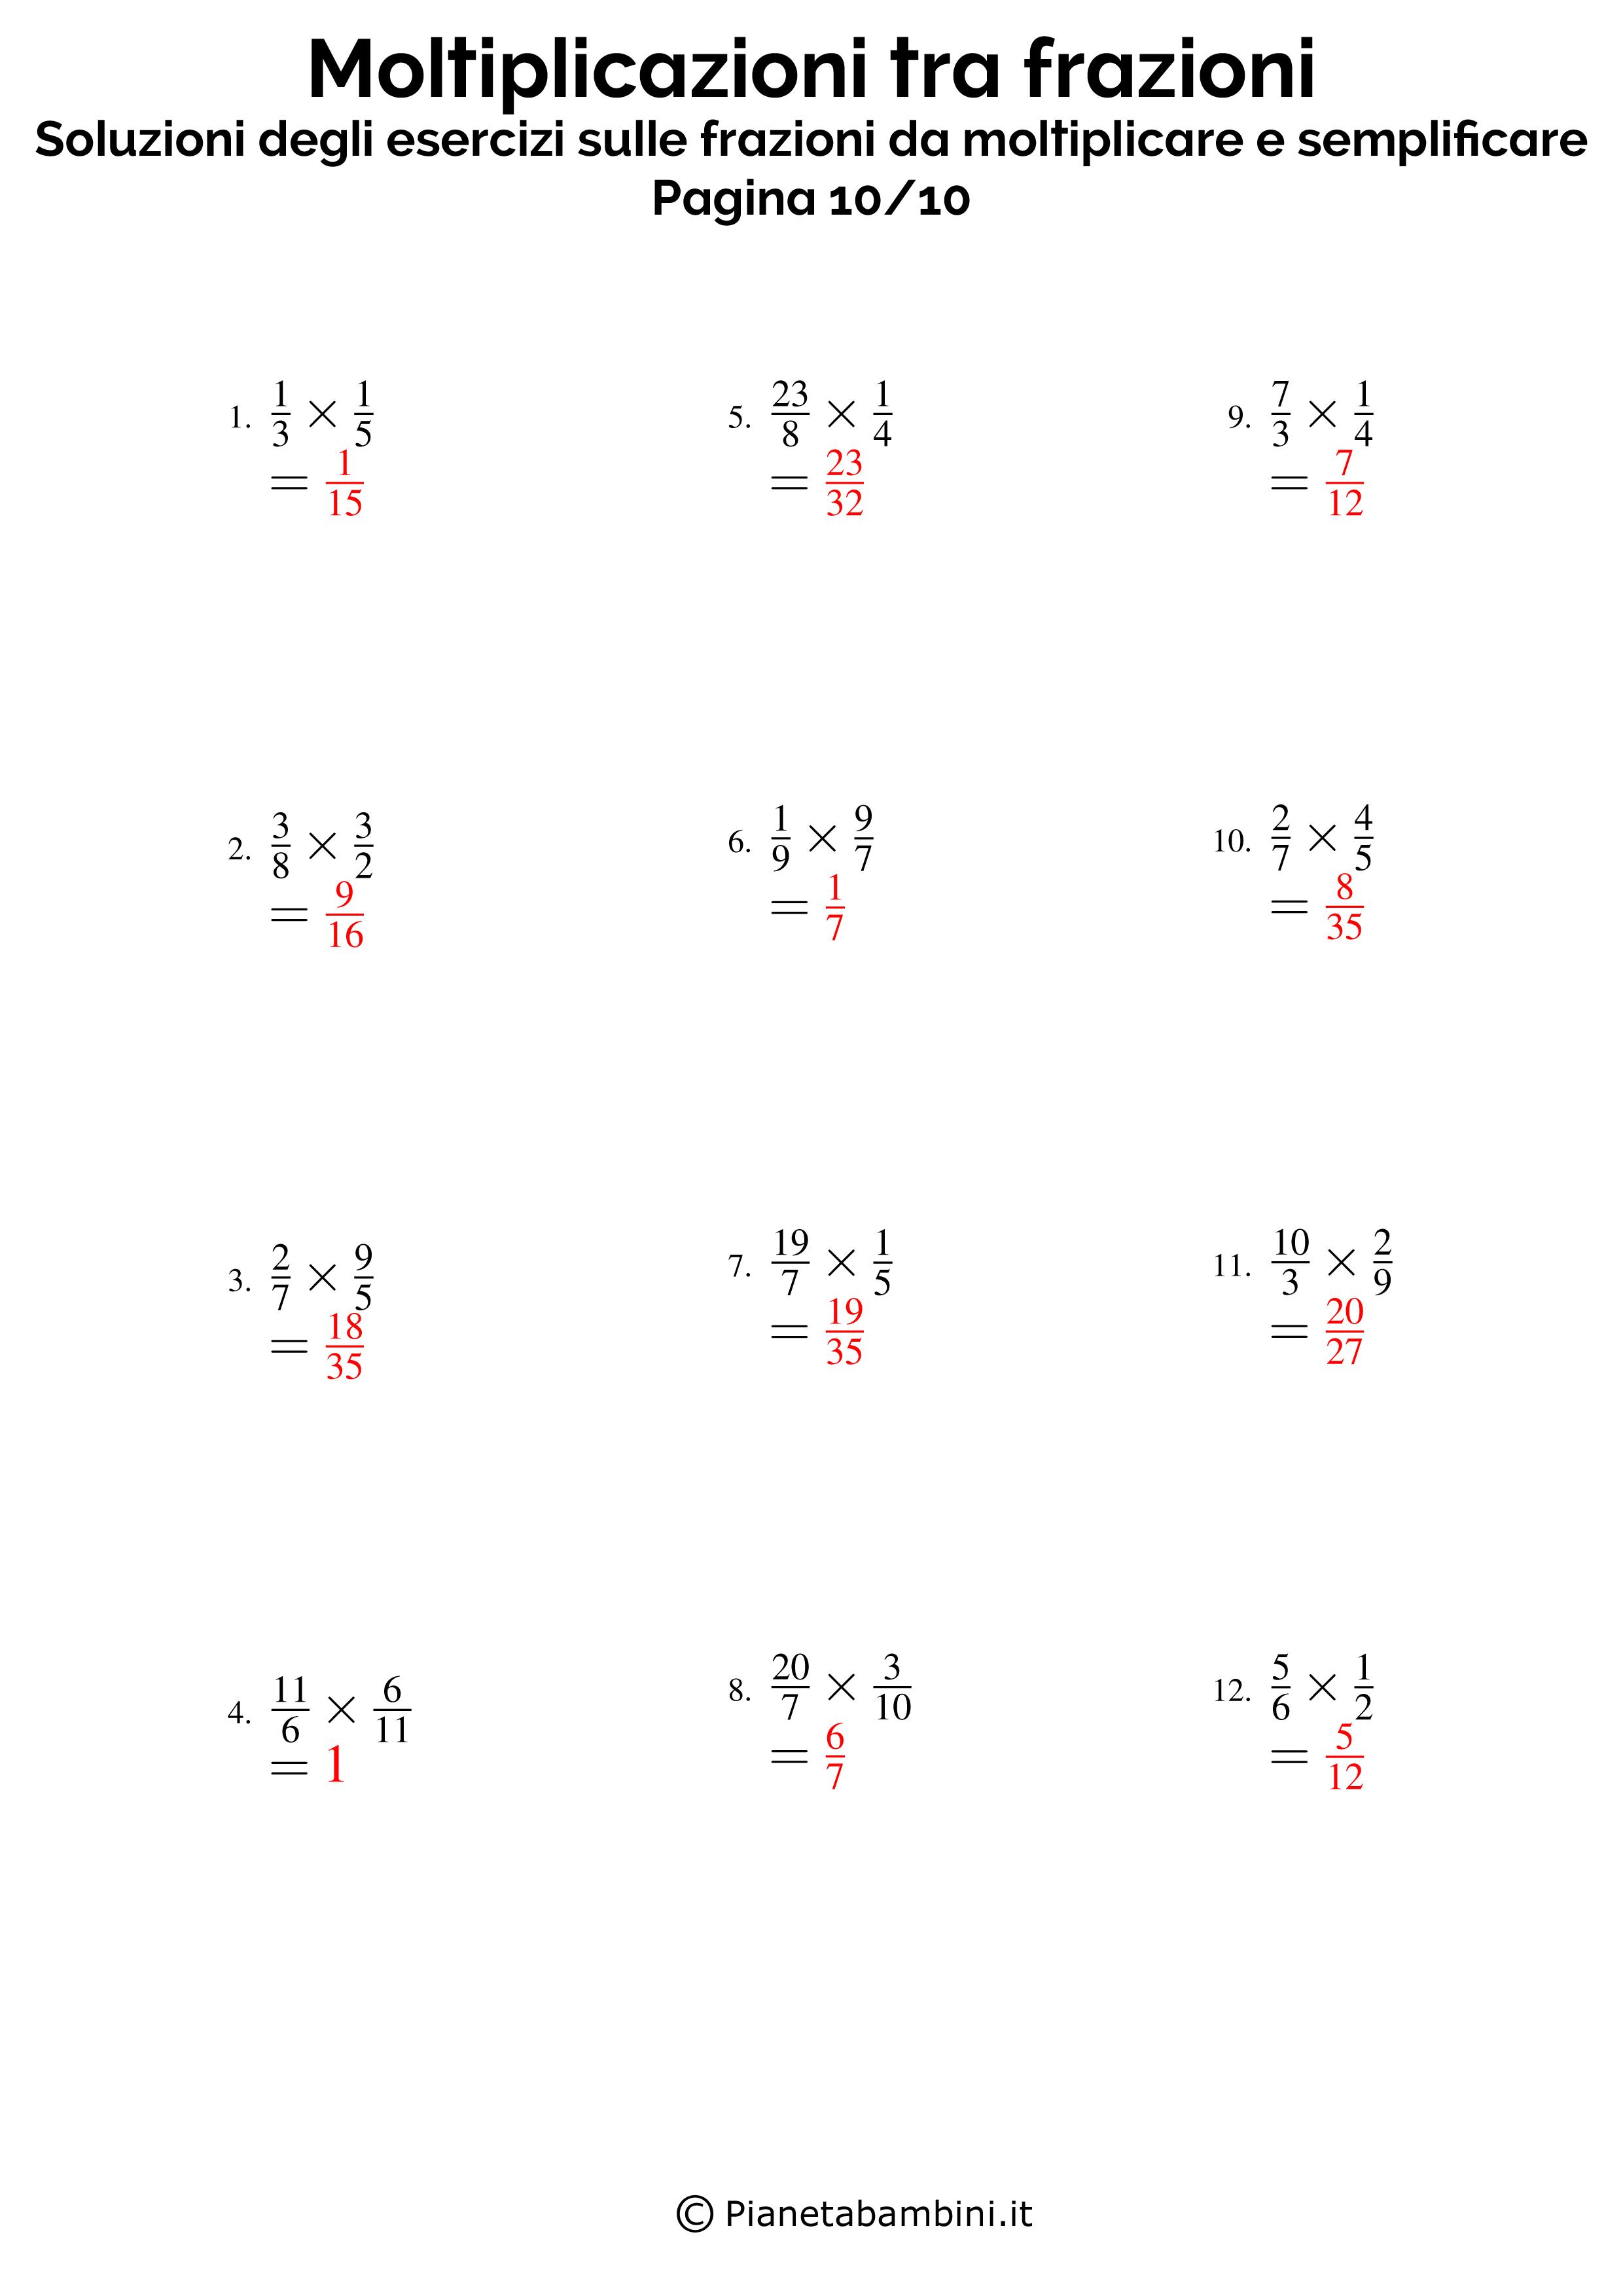 Soluzioni-Frazioni-Moltiplicare-Semplificare_10